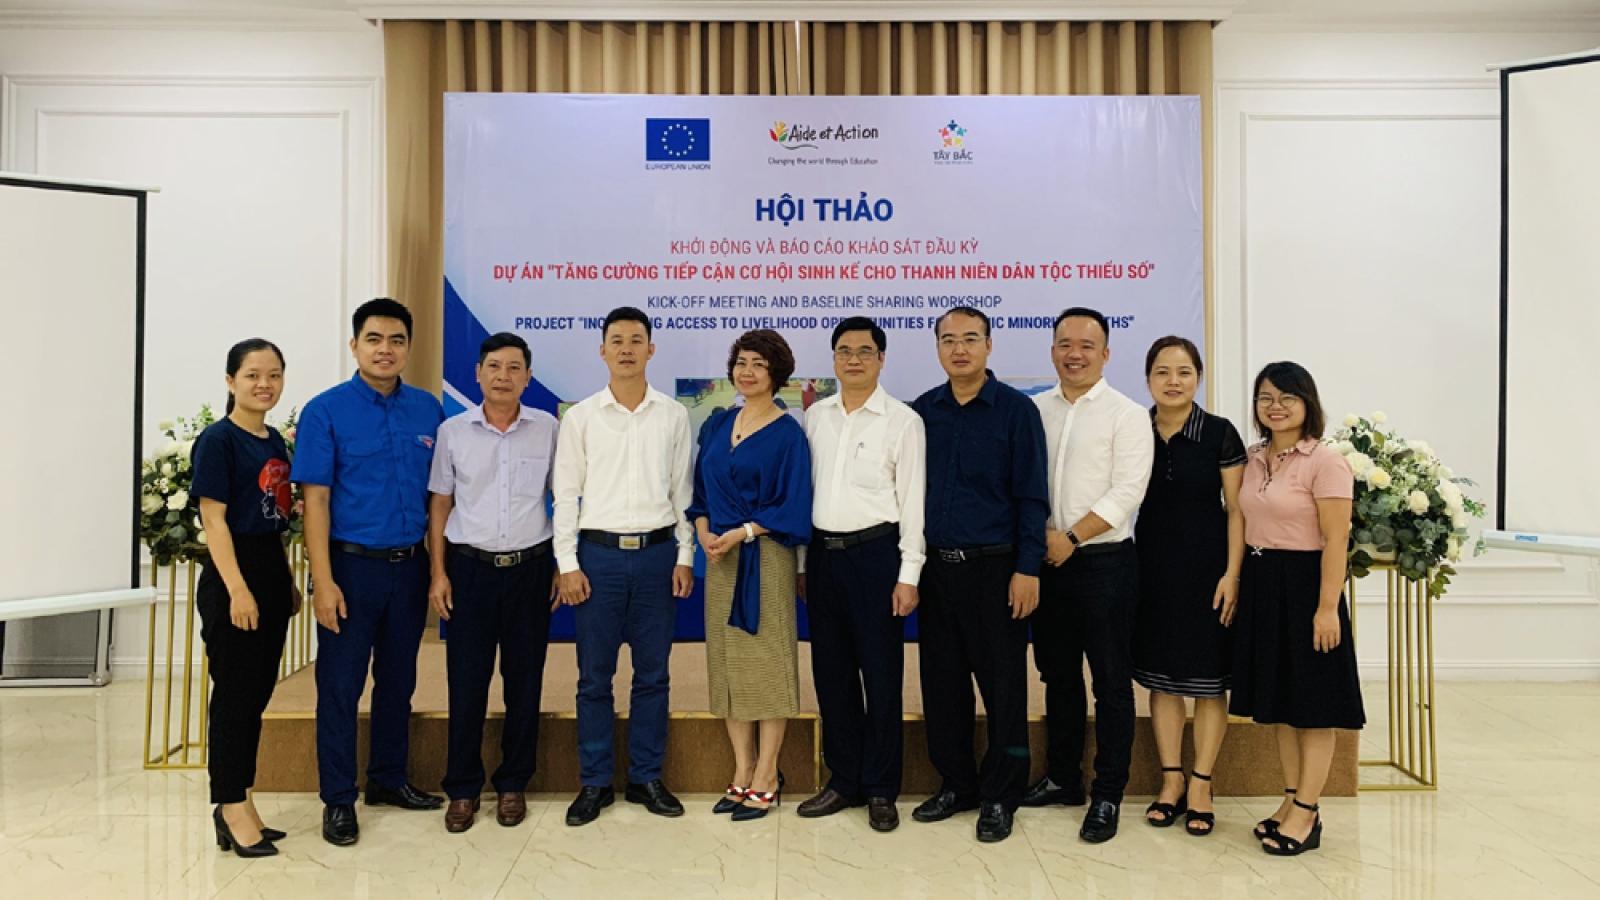 Tăng cơ hội việc làm cho thanh niên dân tộc thiểu số ở Việt Nam vì một tương lai bền vững